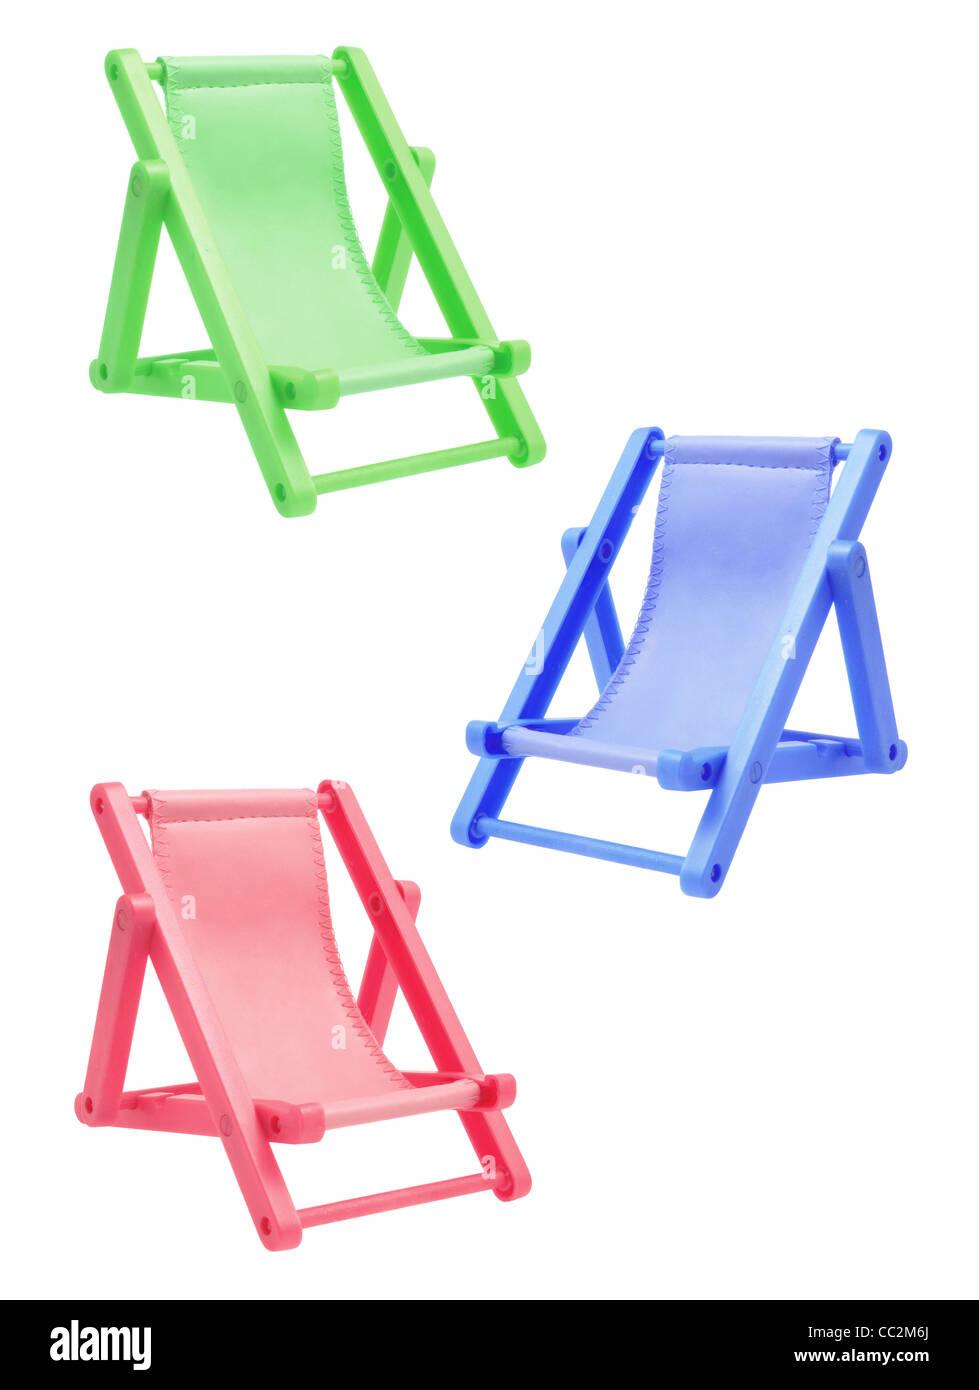 Sedie A Sdraio In Miniatura.Sdraio In Miniatura Foto Immagine Stock 41856378 Alamy